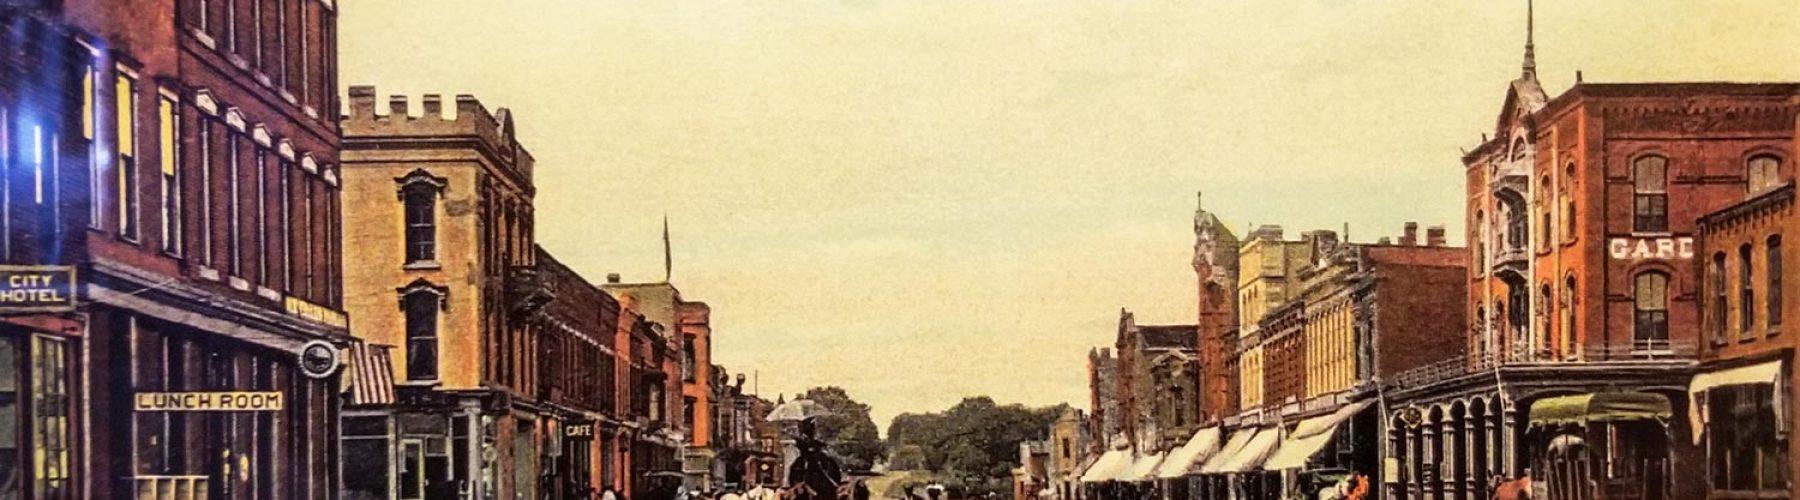 SecondStreetLookingWest-Hastings-MN